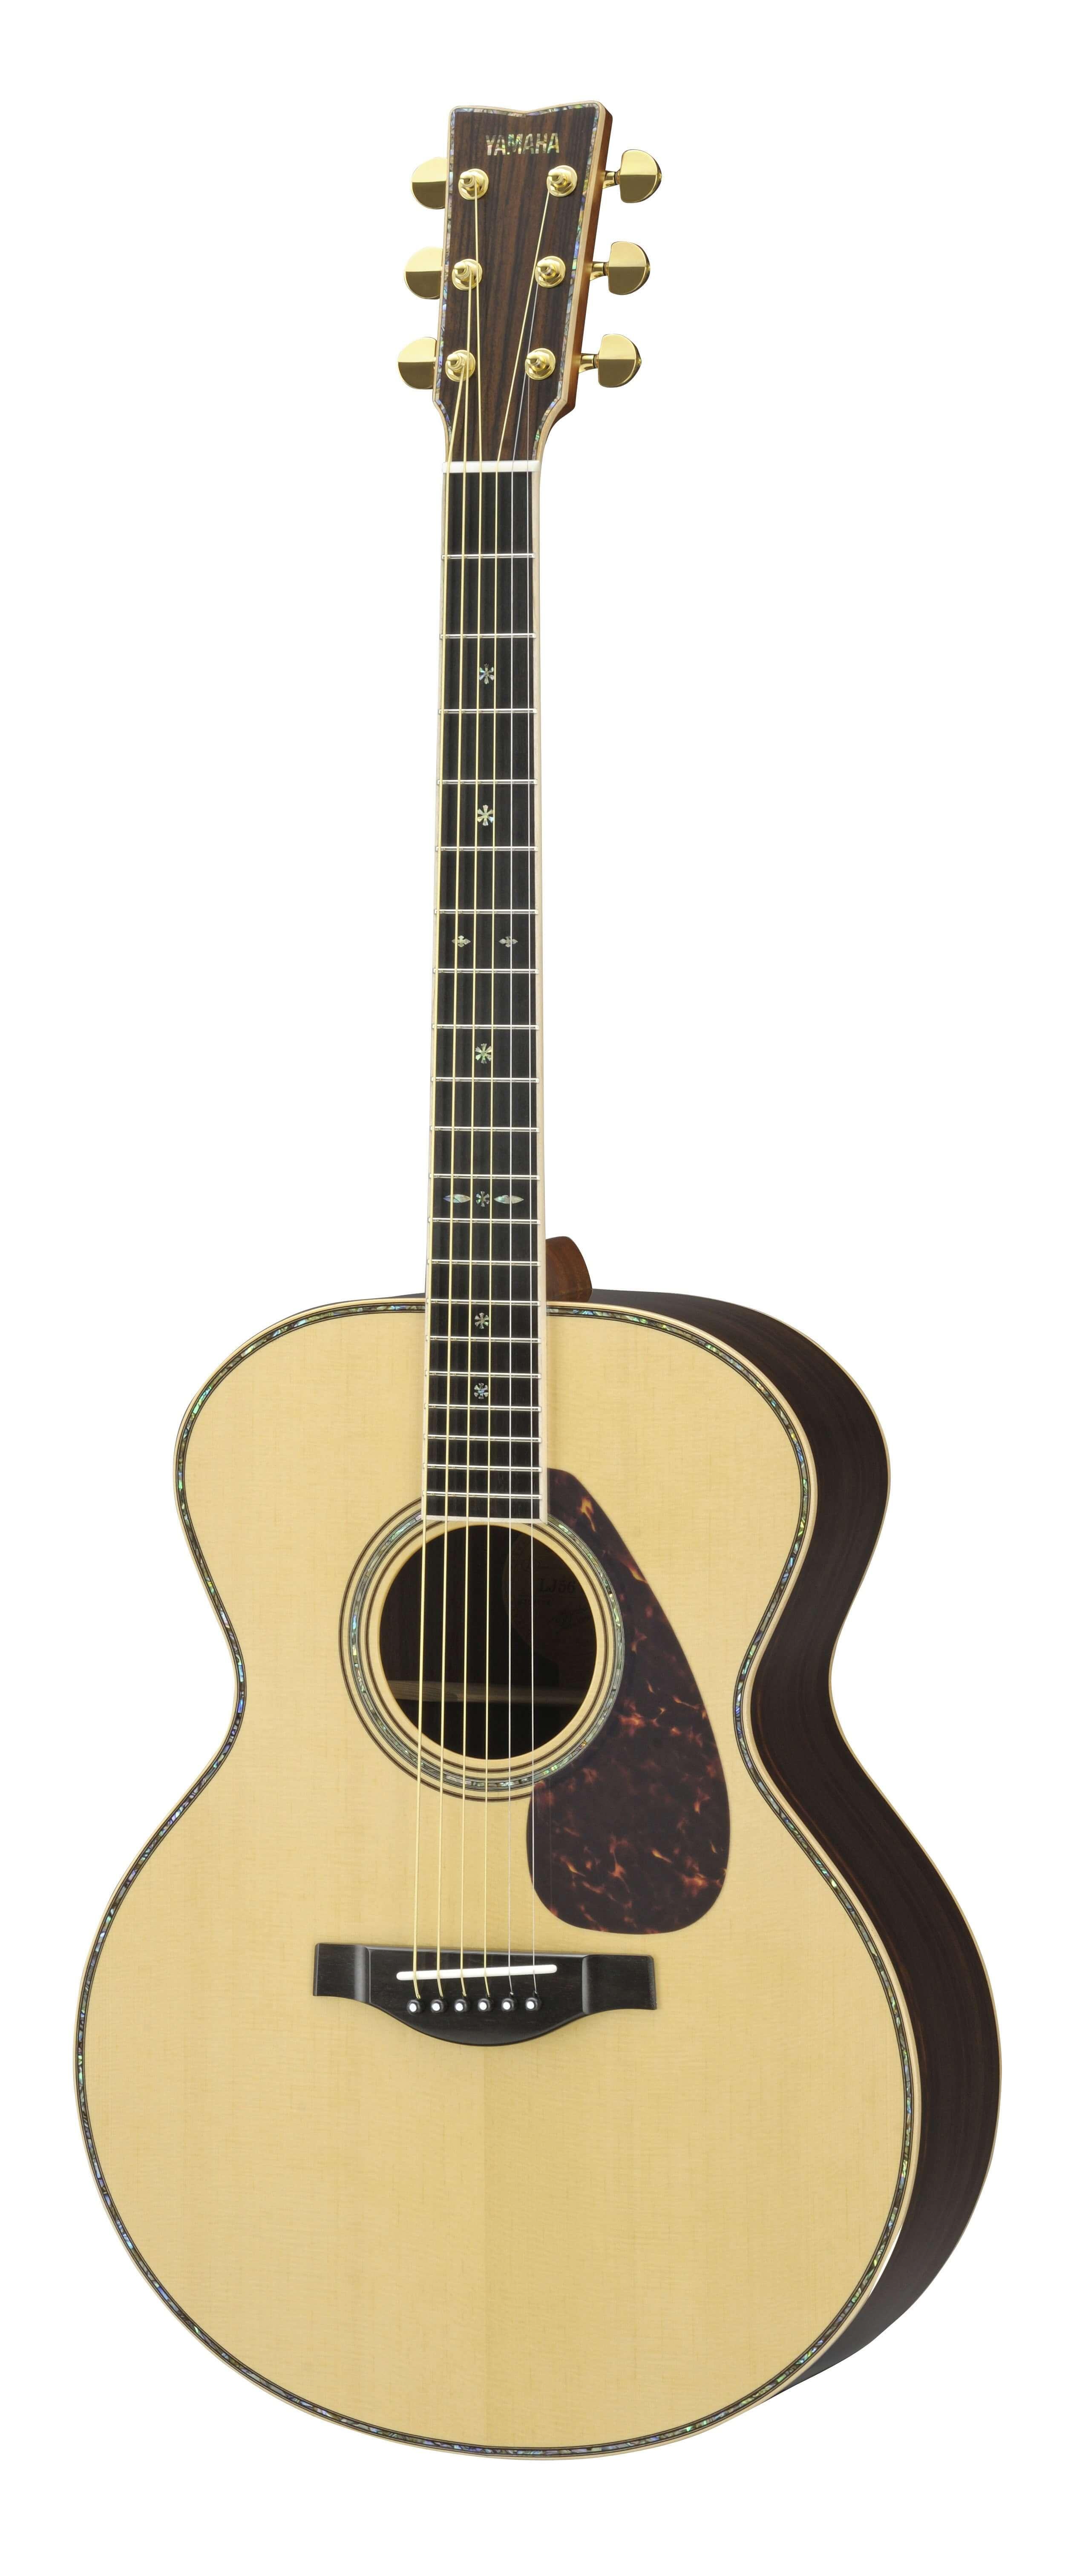 Guitarra Acústica Yamaha LJ56 Are